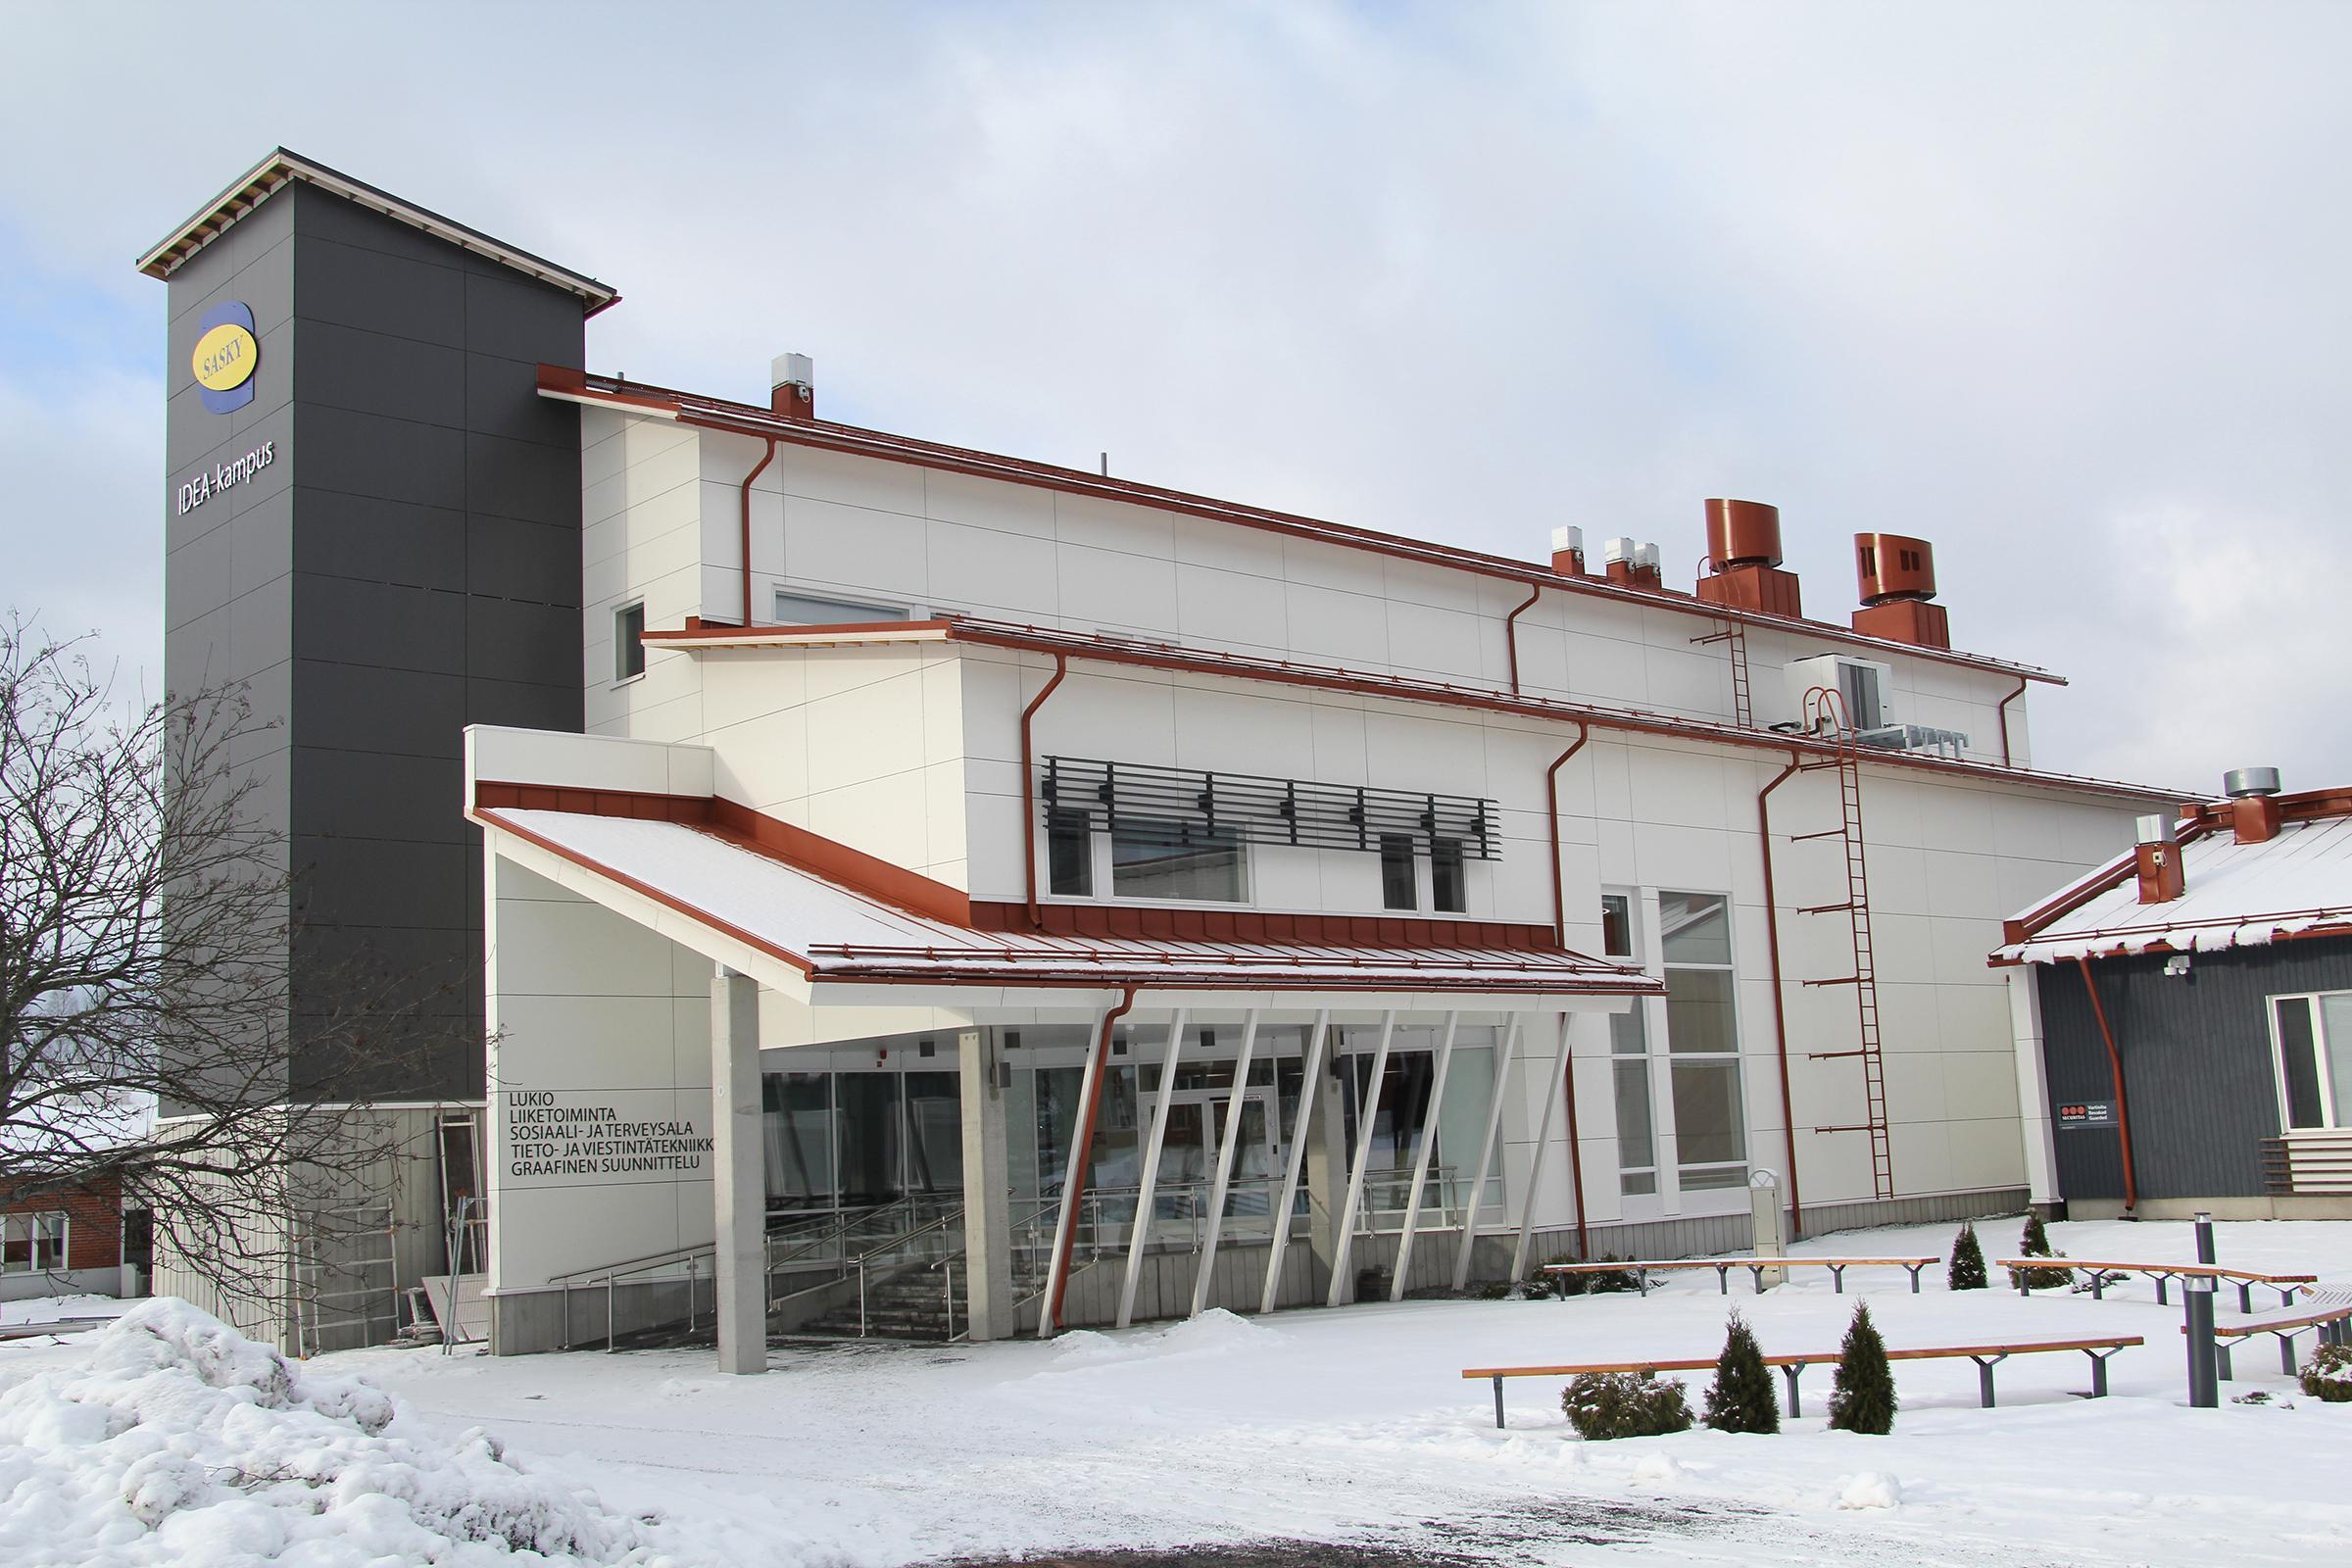 Valkoinen moderni koulurakennus, jossa vasemmalla reunalla harmaa tornimainen rakennelma, jonka seinässä sini-keltainen logo, Saskyn IDEA-kampus uudisrakennus Ikaalisissa.